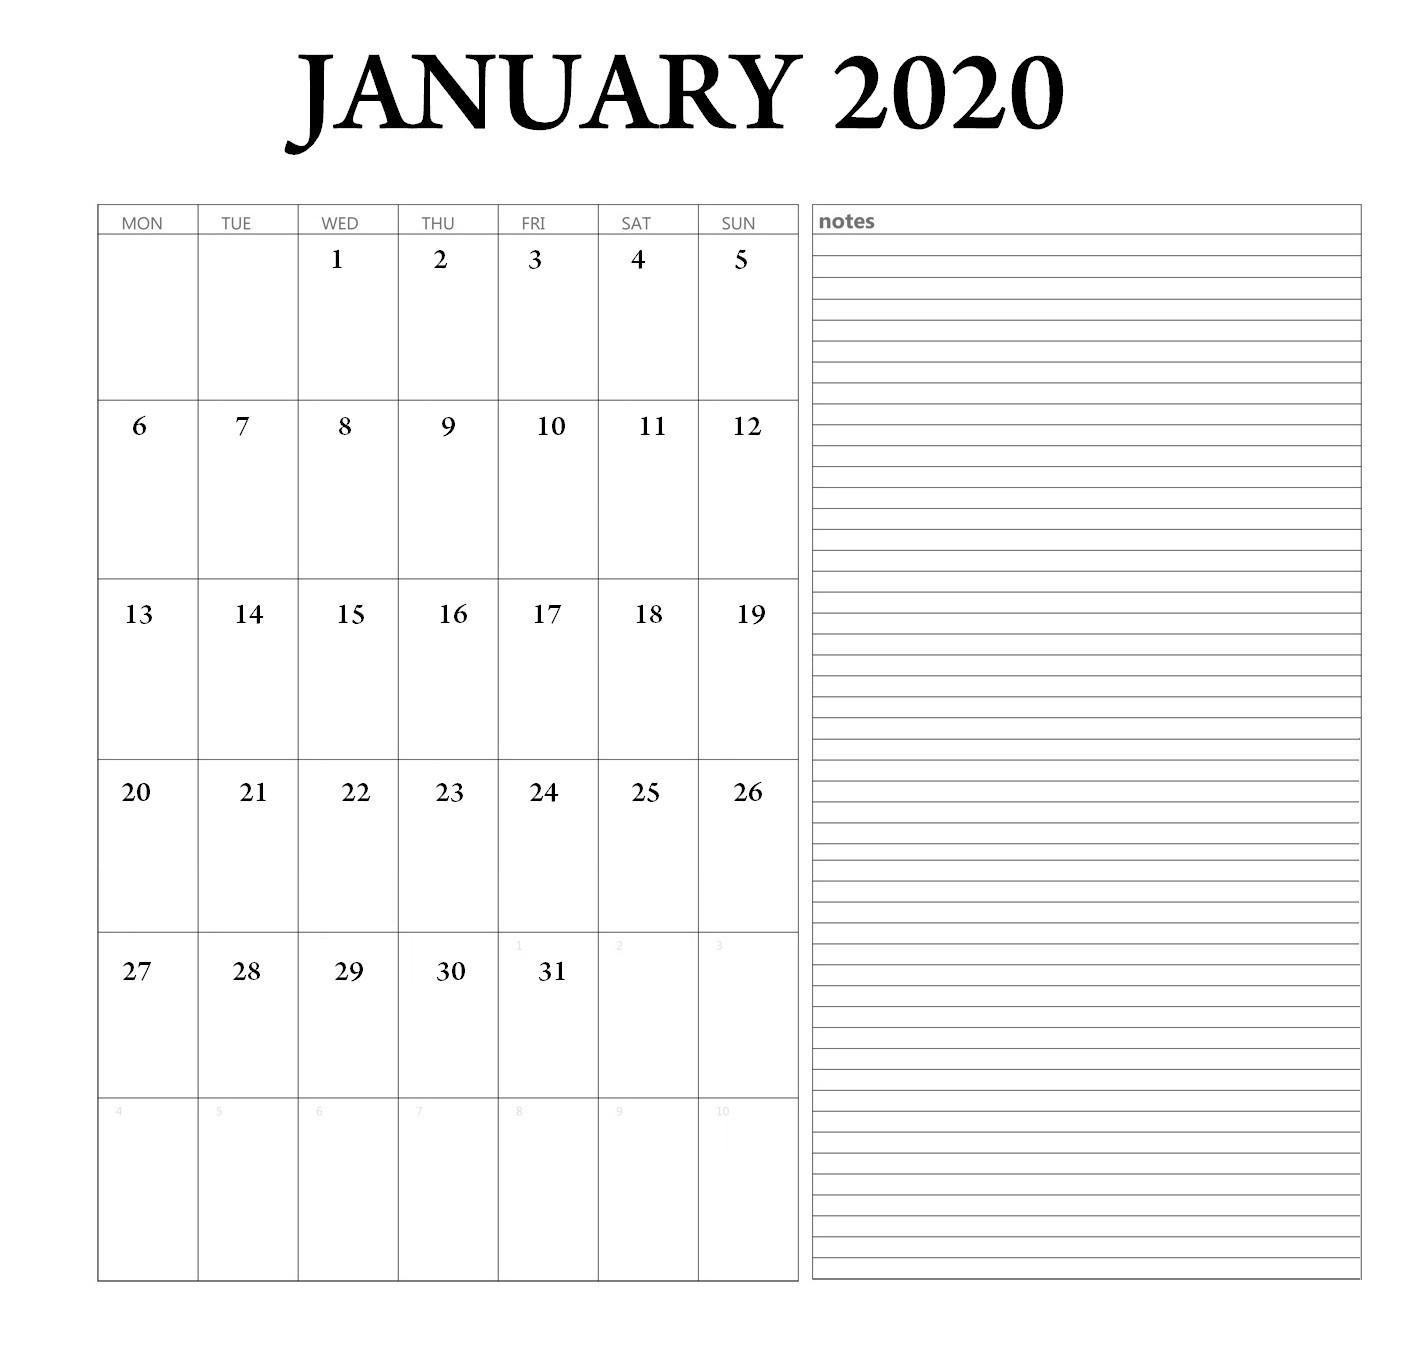 January 2020 Printable Calendar | Latest Calendar-Blank I-9 Form Printable 2020